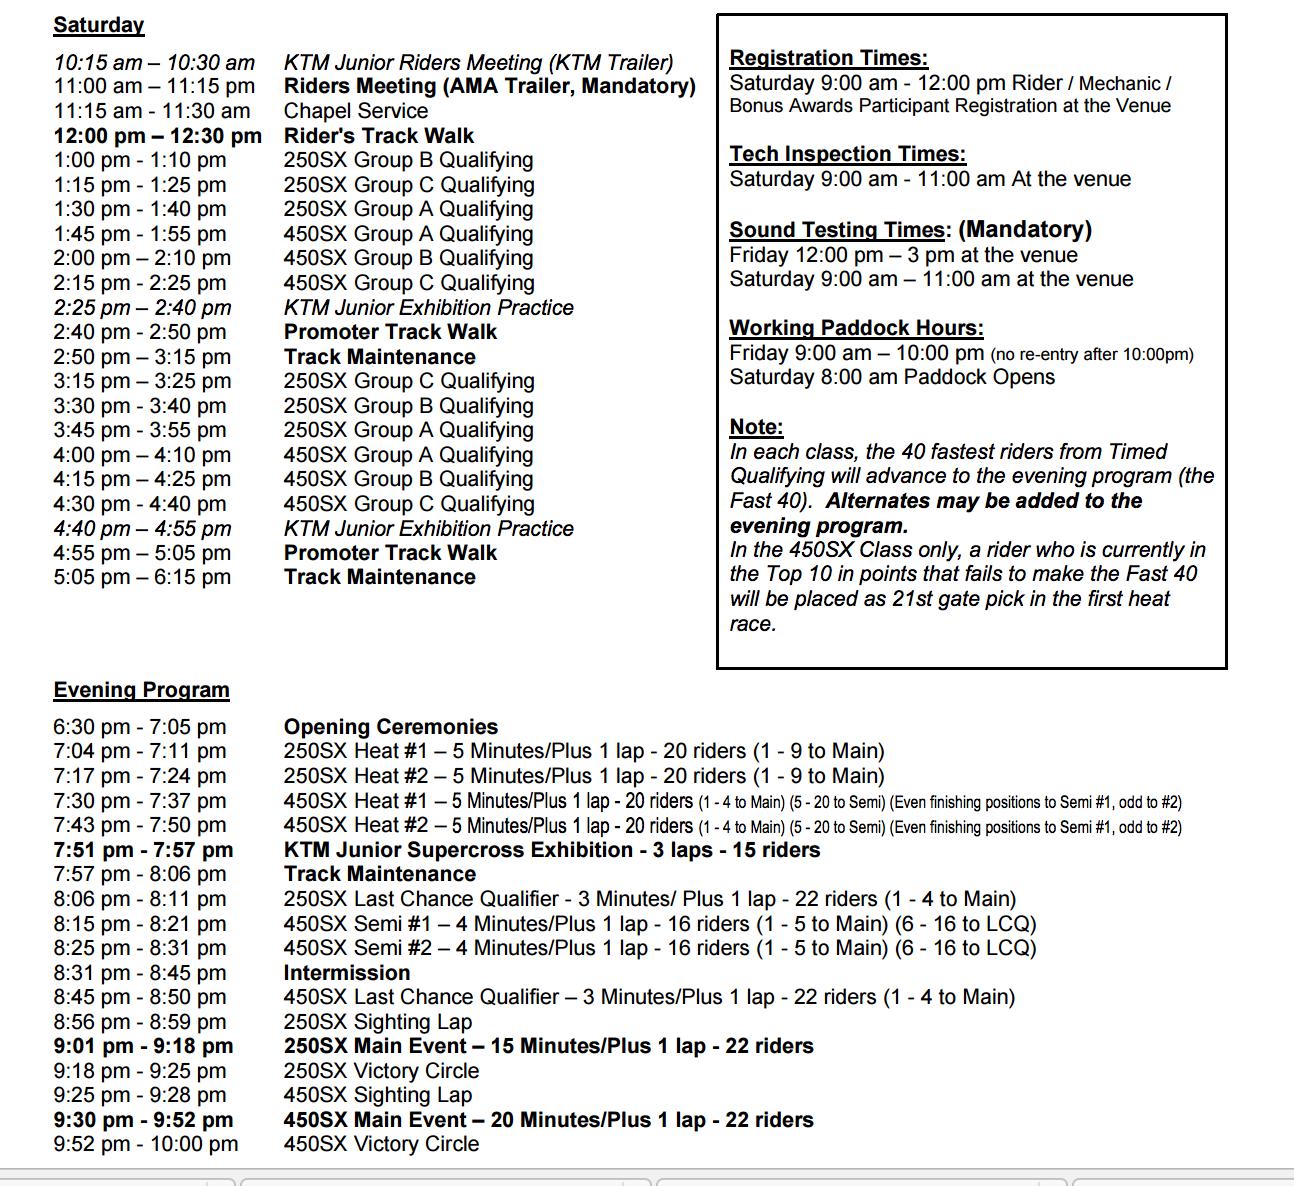 Schedule for 2017 San Diego SX